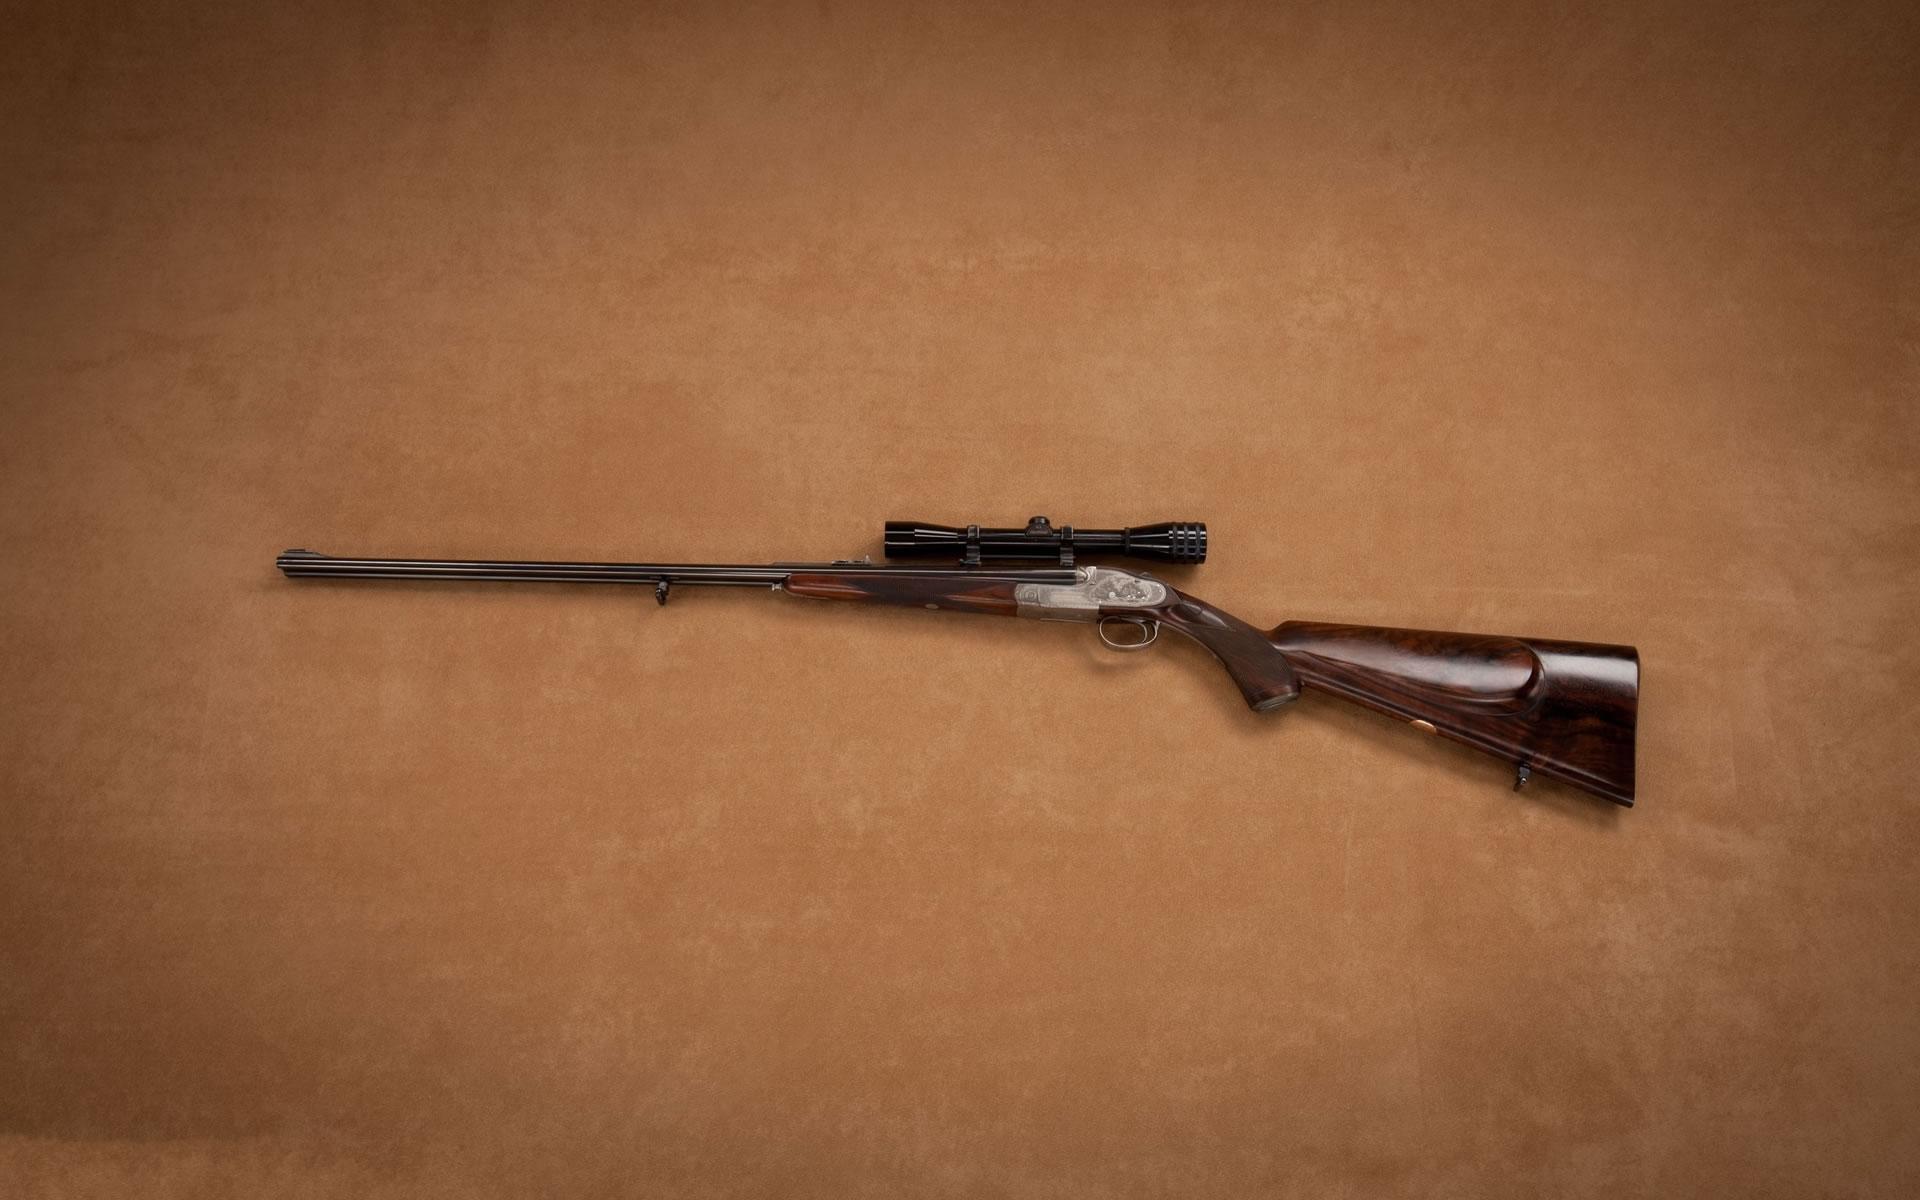 Wallpaper Rifle con mira telescópica.